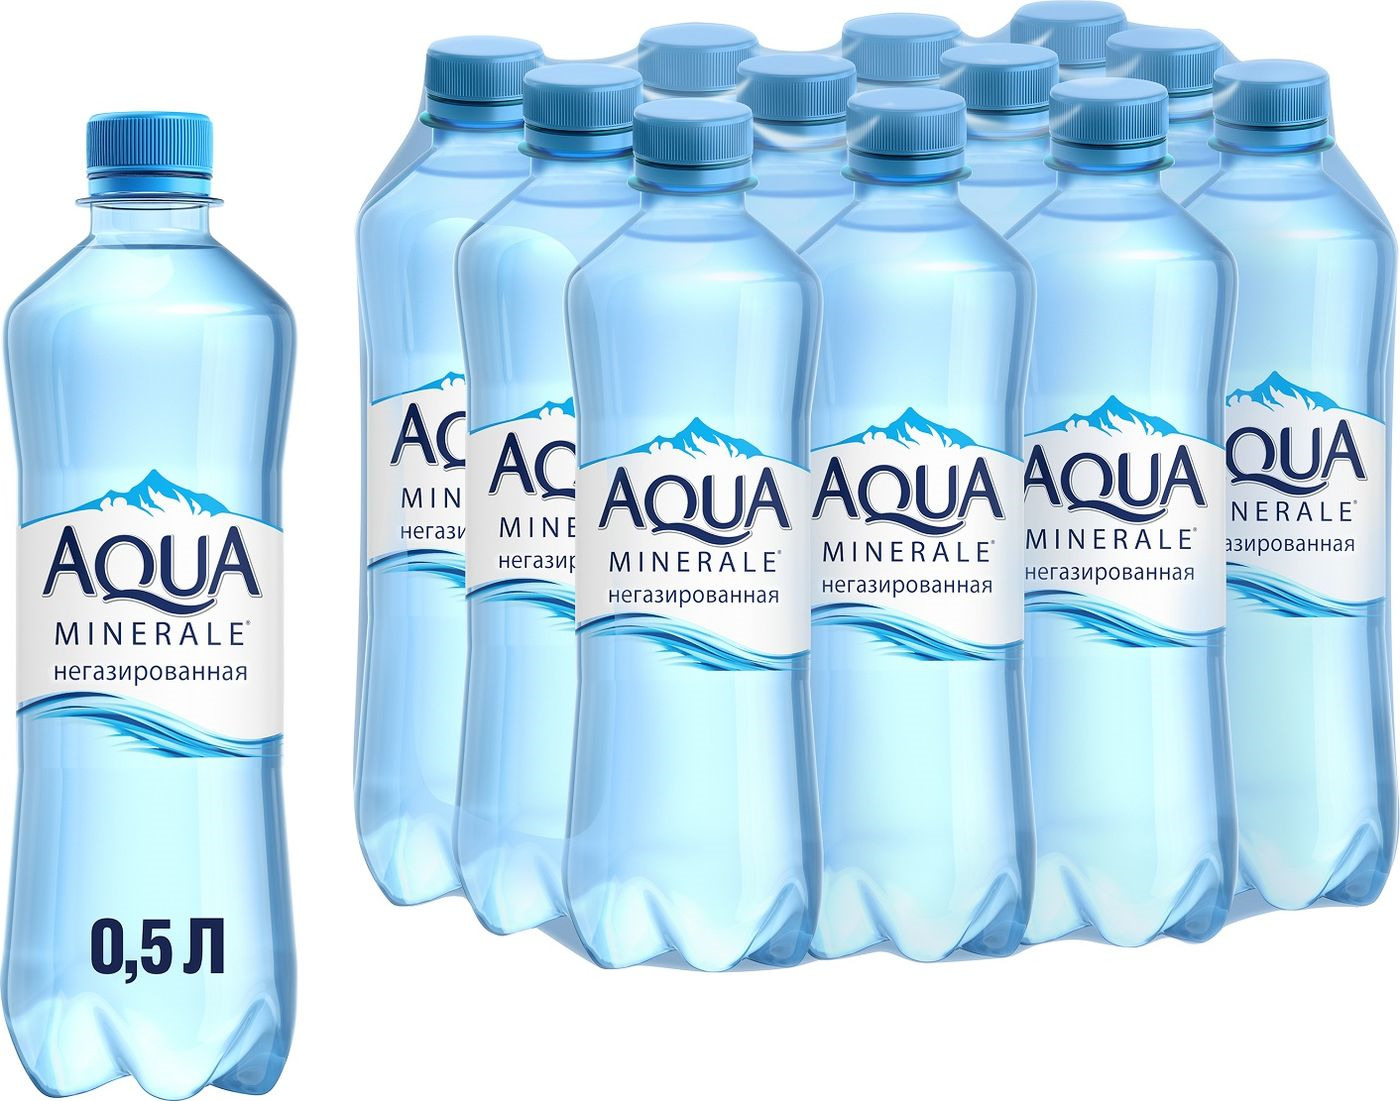 Вода Aqua Minerale, негазированная, питьевая, 12 шт по 500 мл